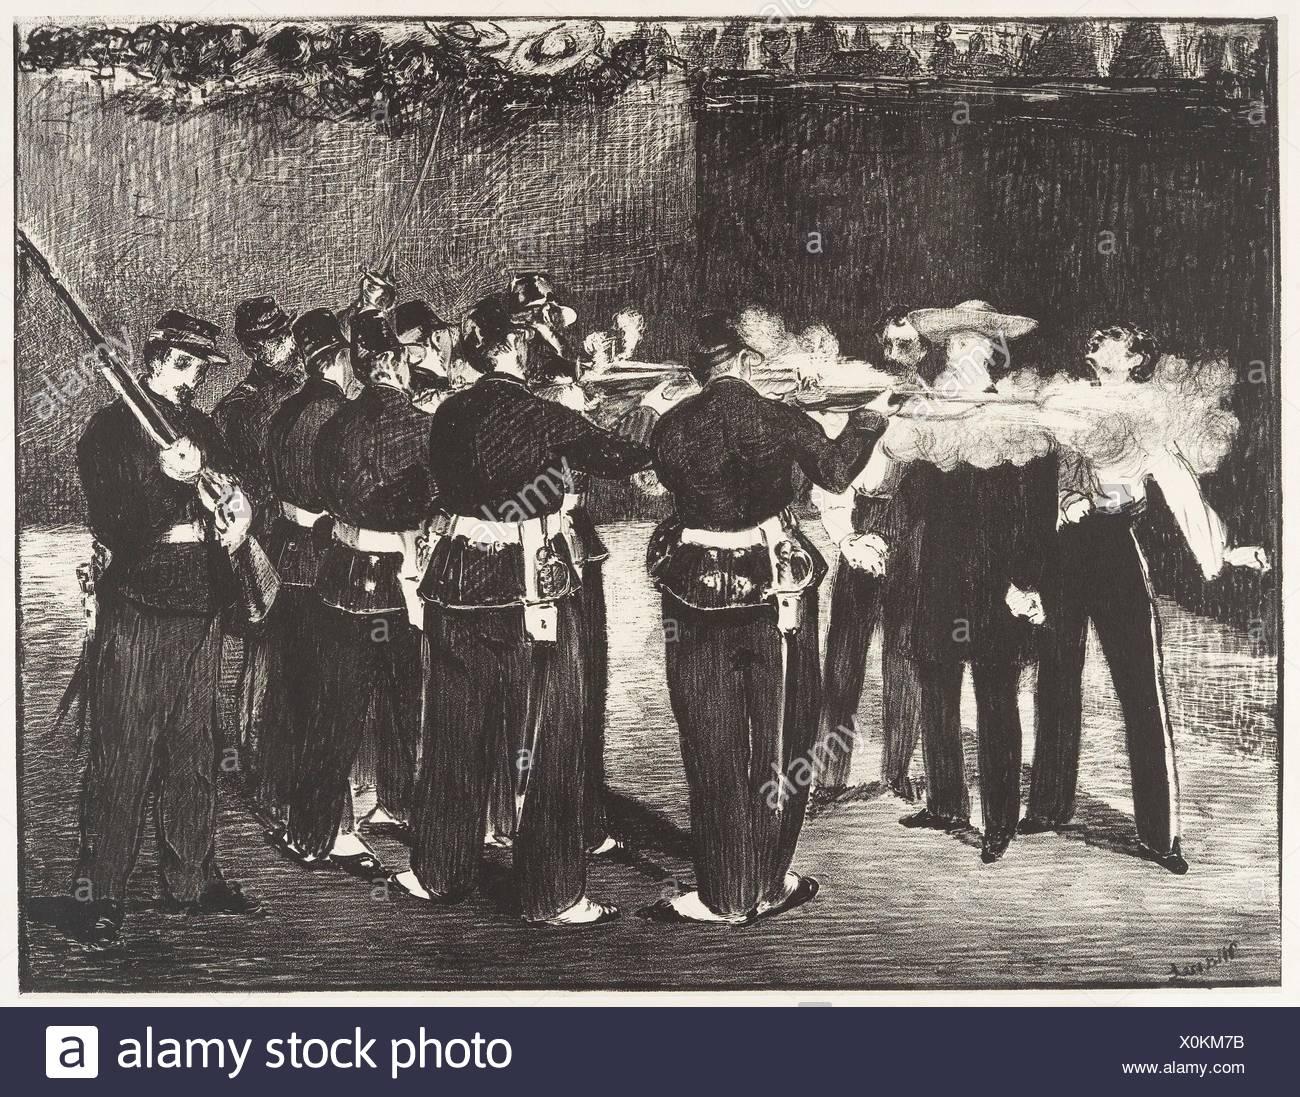 The Execution of the Emperor Maximilian (L´exécution de Maximilien). Artist: Édouard Manet (French, Paris 1832-1883 Paris); Date: 1868; Medium: - Stock Image